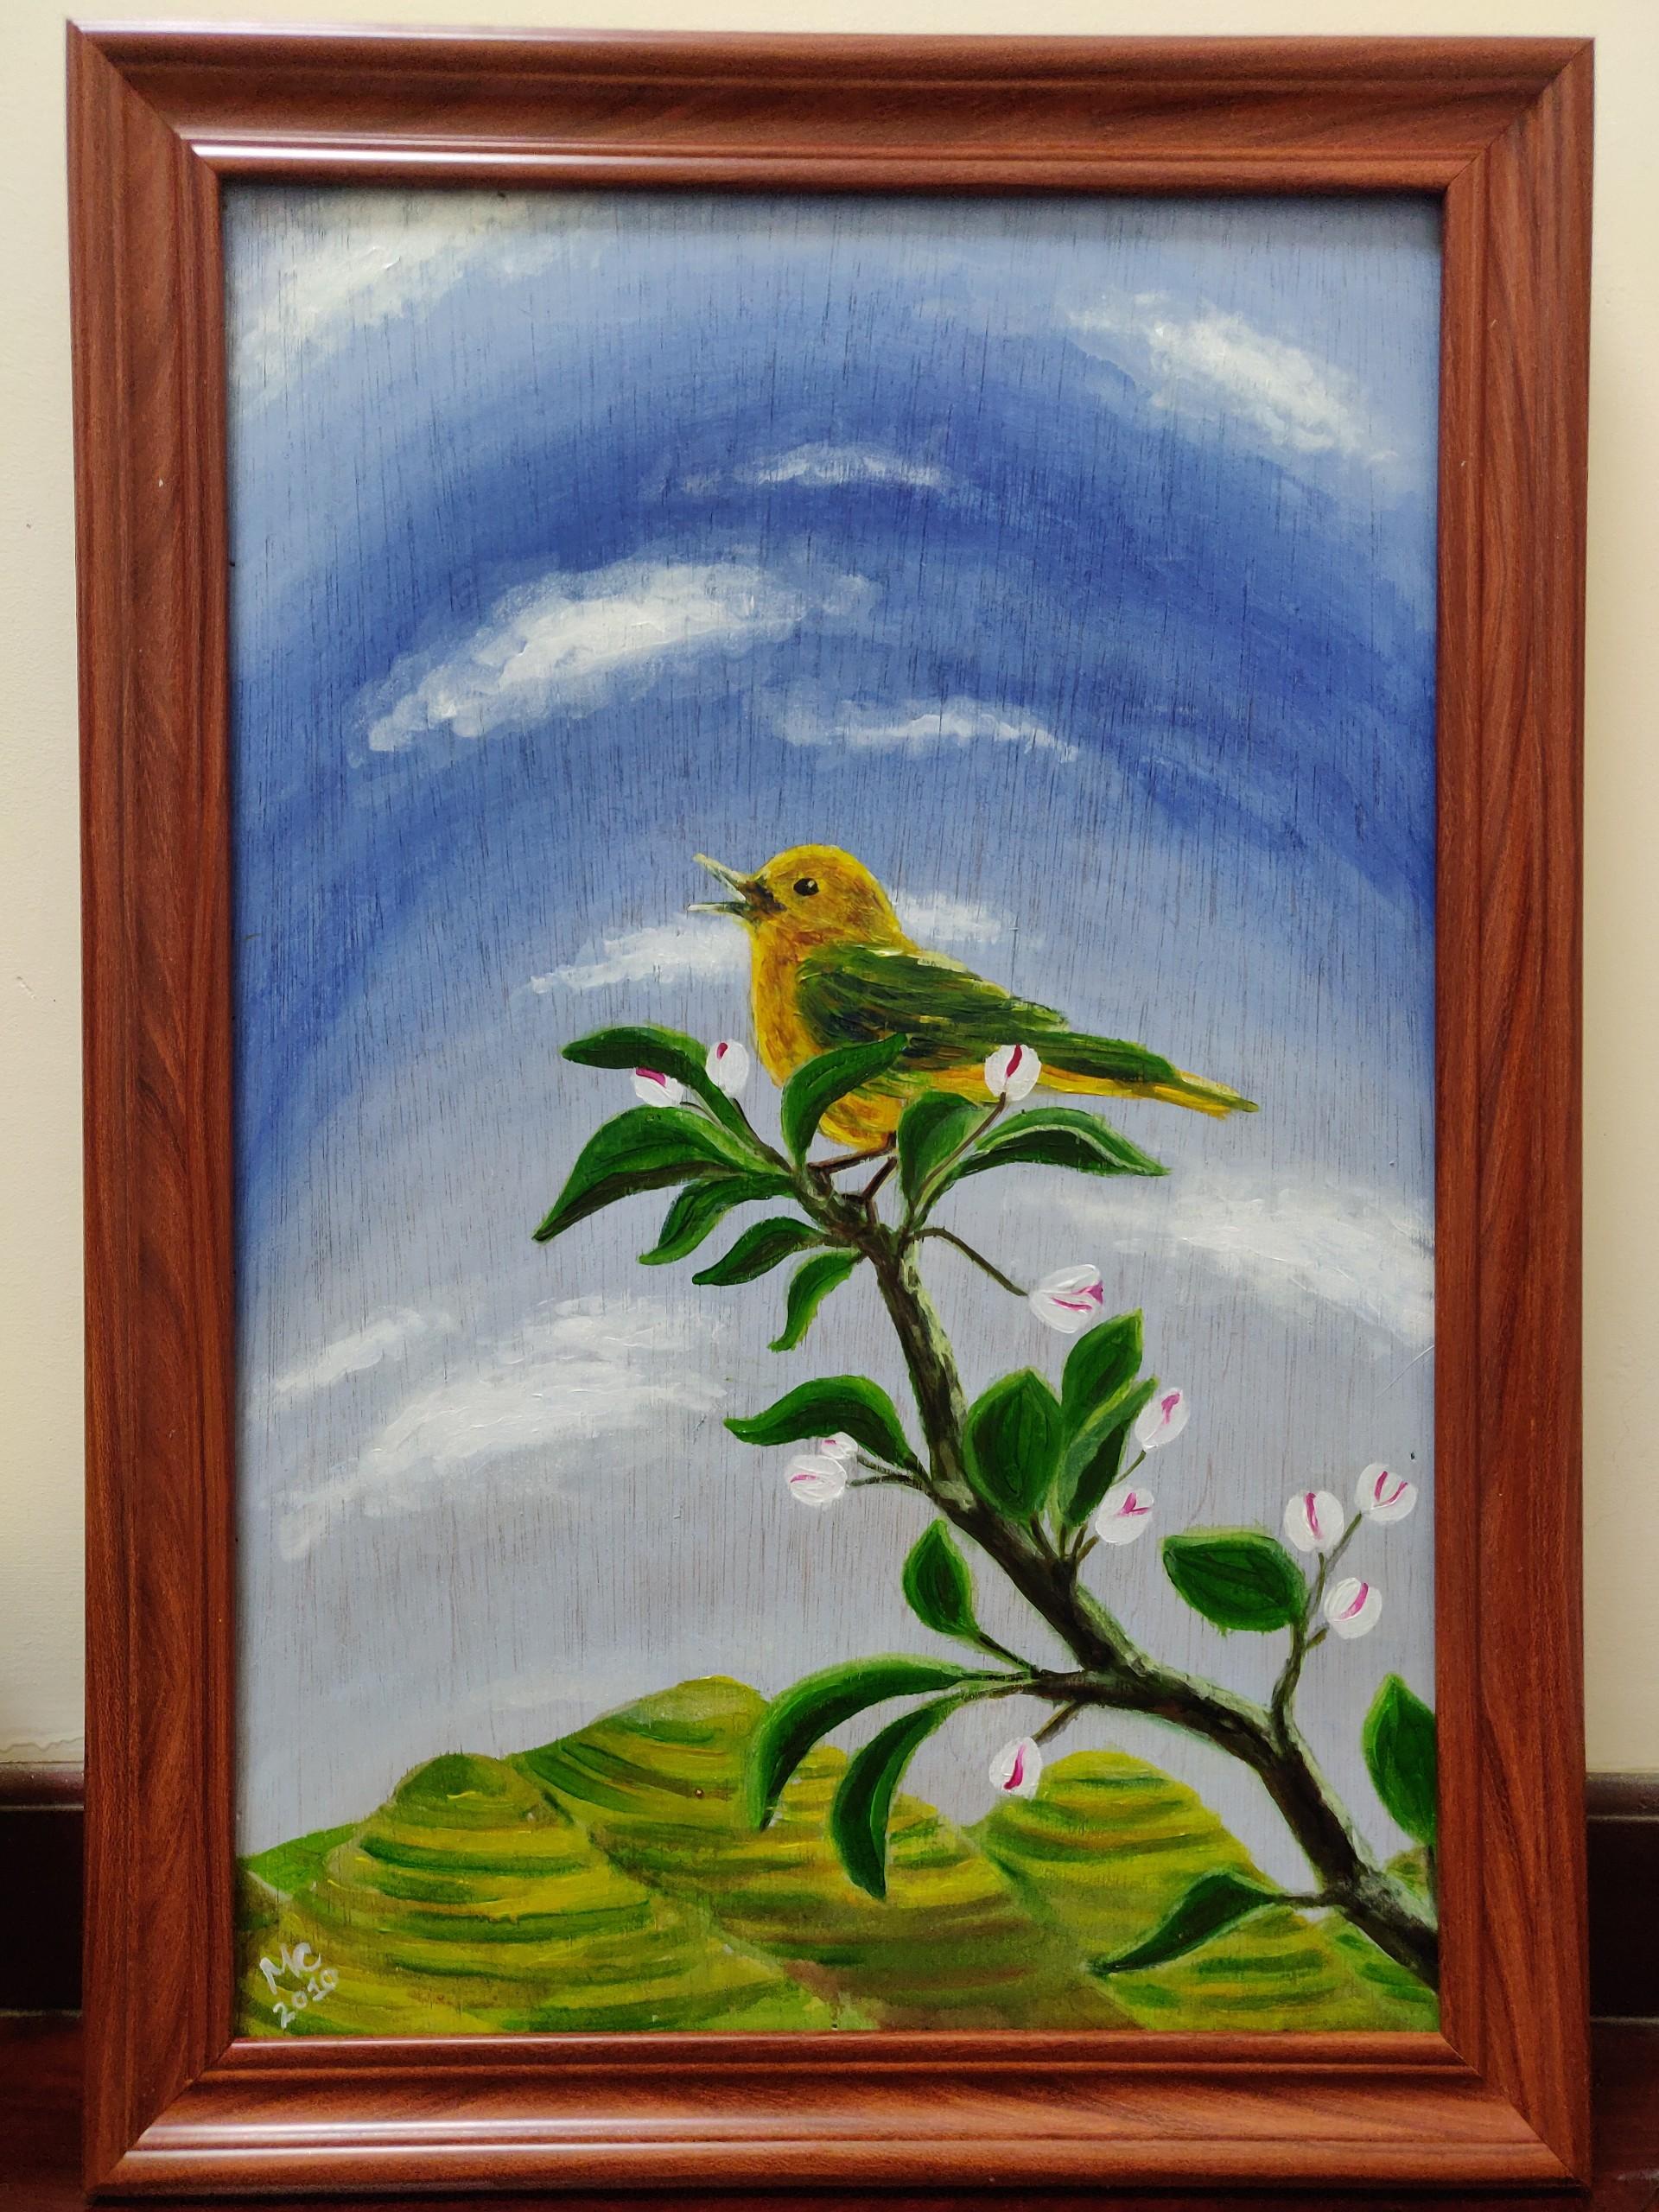 Tranh sơn dầu họa sỹ sáng tác vẽ tay: CHÚ CHIM VÀNG